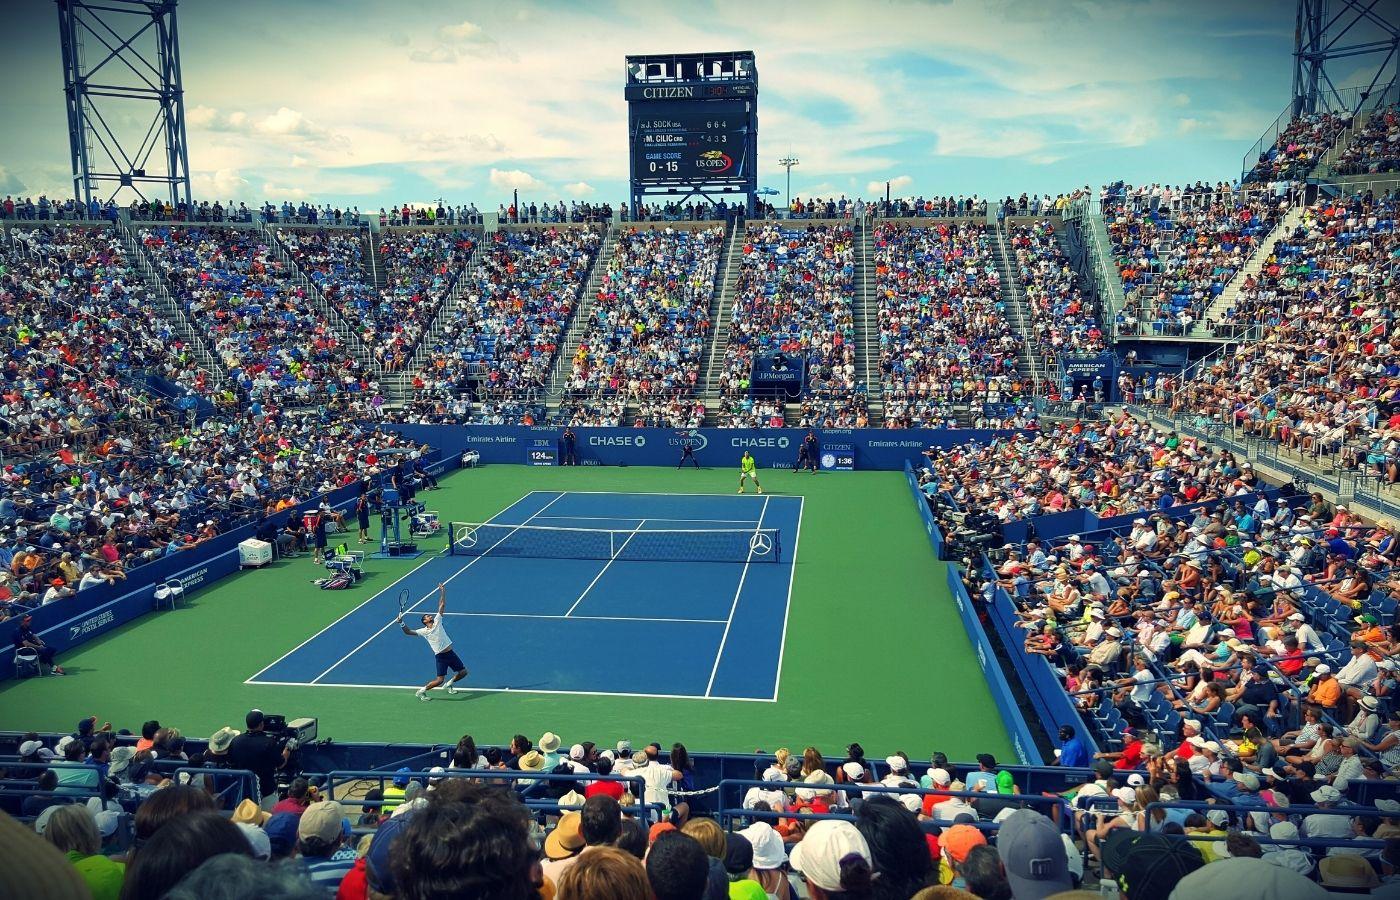 Květnové sportovní události, které se vyplatí sledovat | Sportbiz